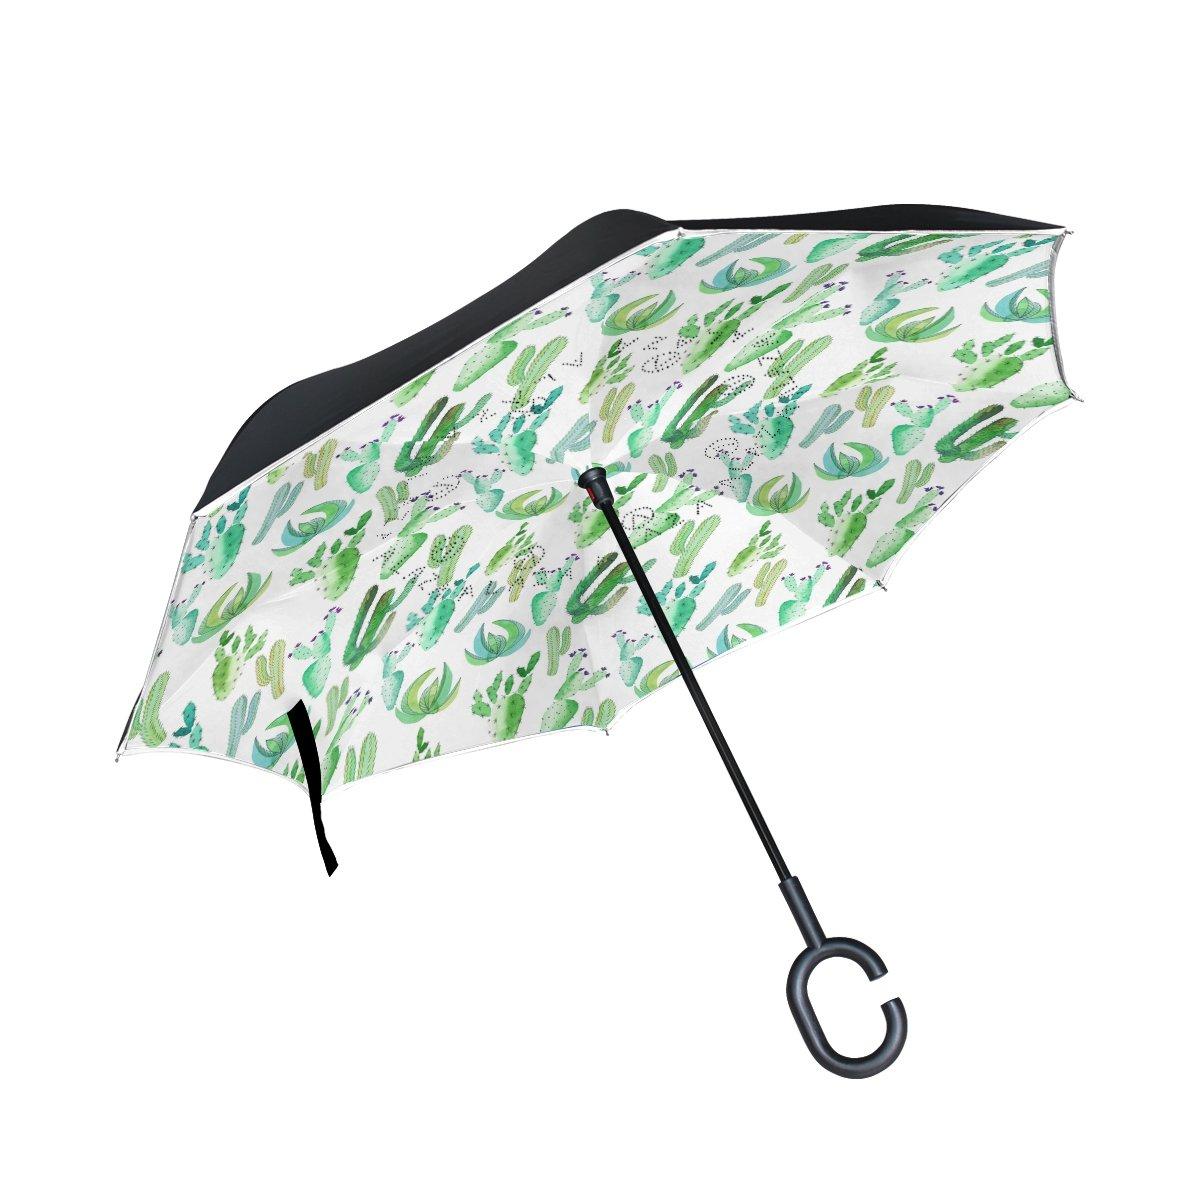 OKONE Envers inversé Ouverture Automatique Parapluie Compact léger Droites parapluies avec Plantes artificielles Cactus pour Auto et à l'extérieur